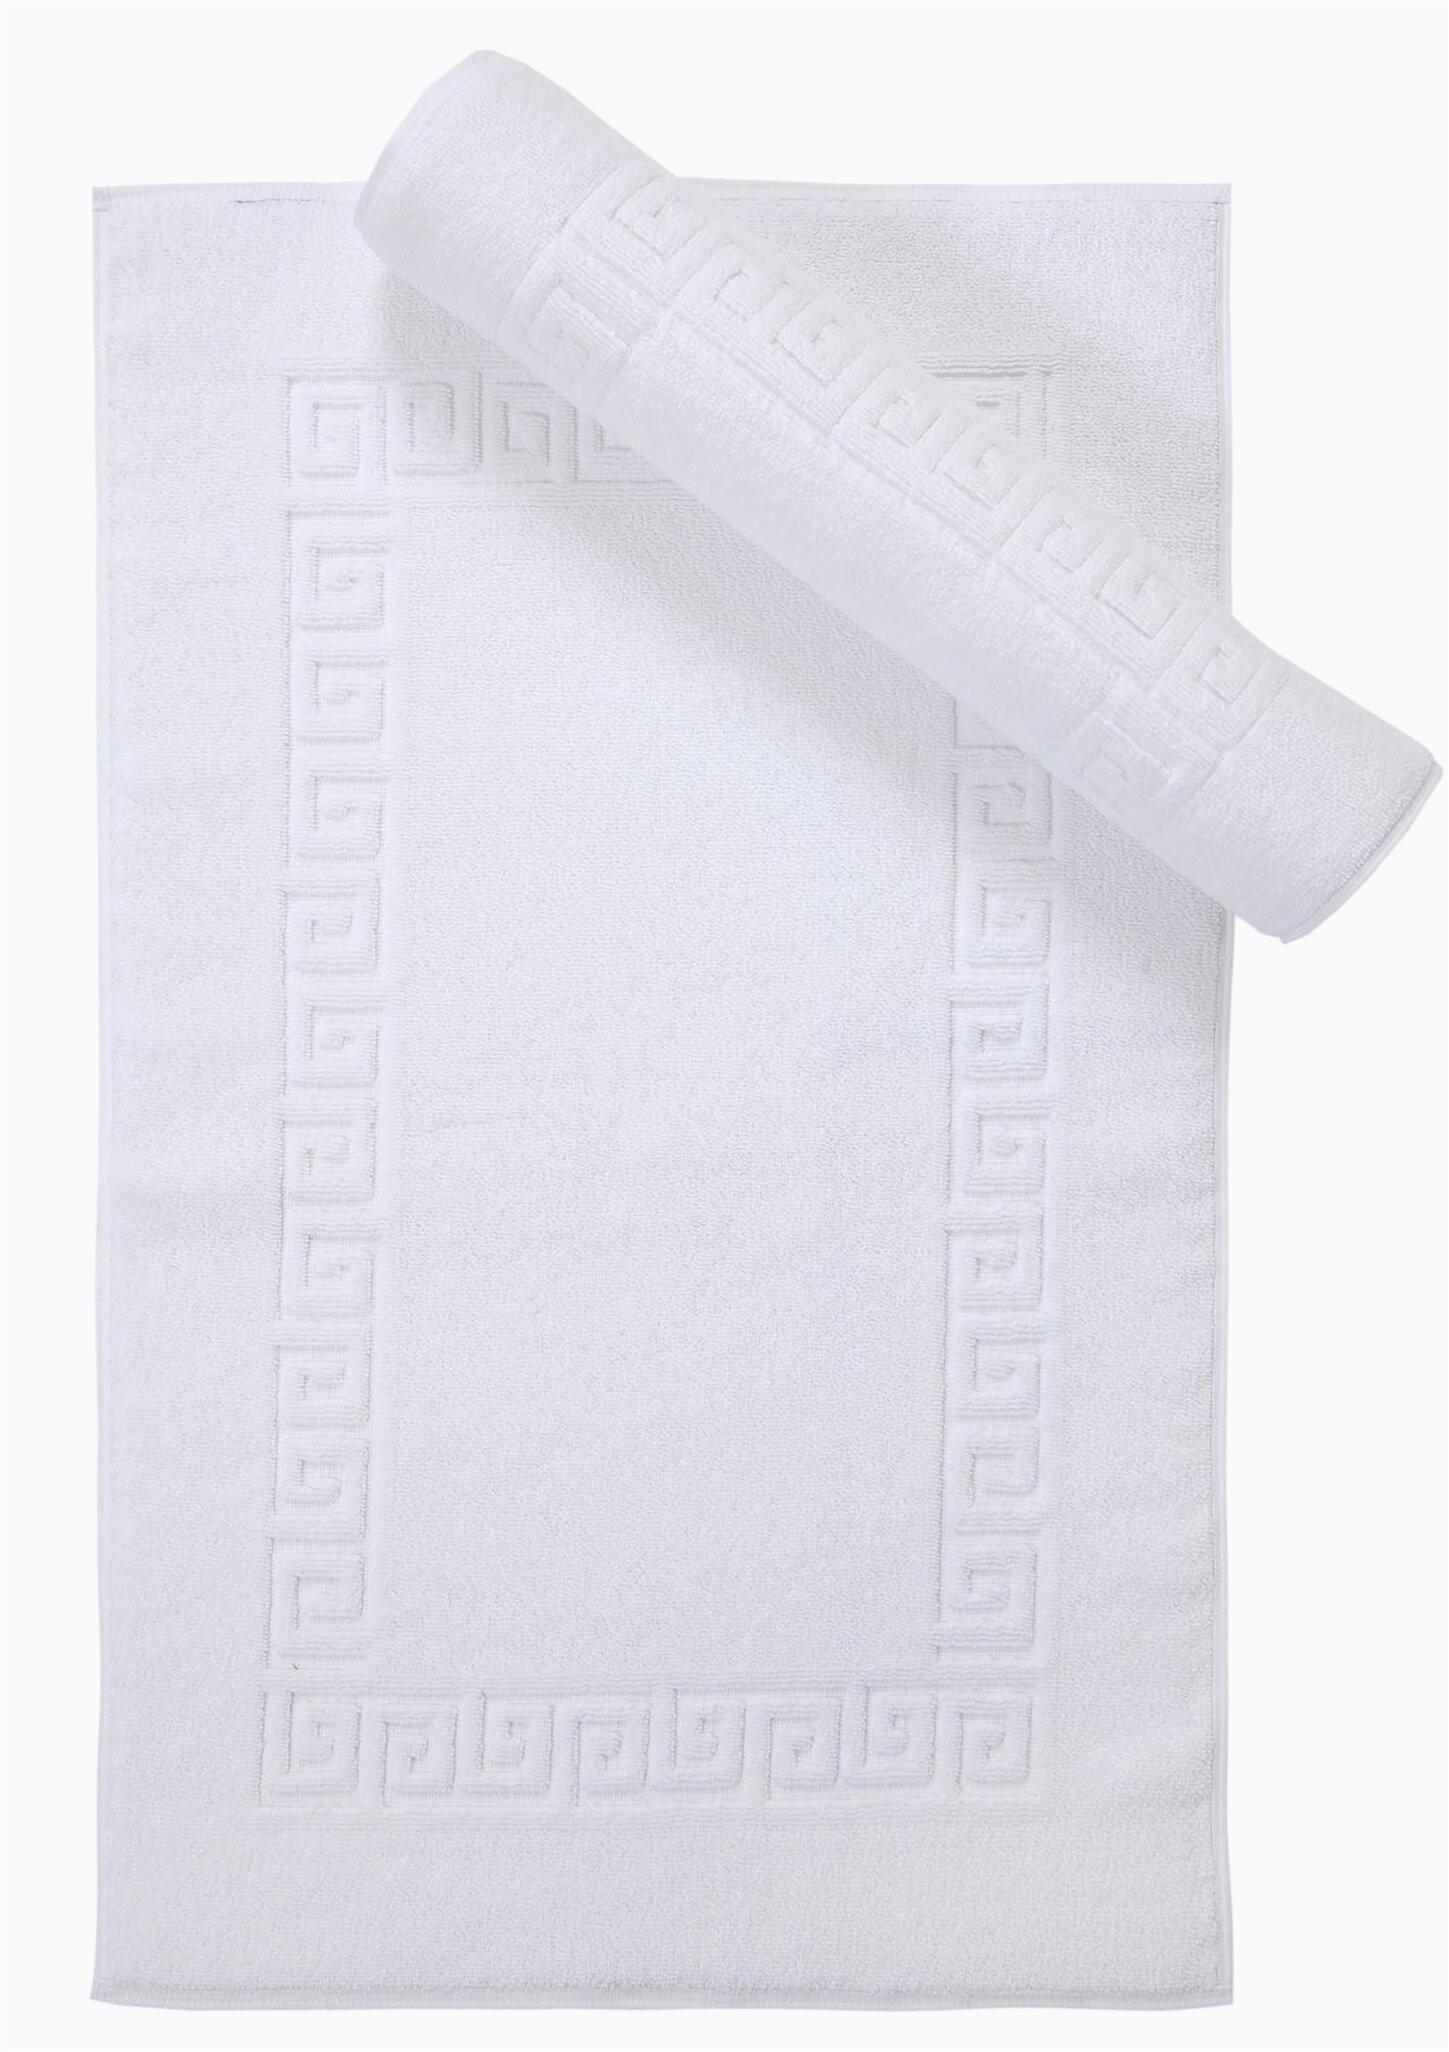 mercer41 plante luxury greek key bath rug w